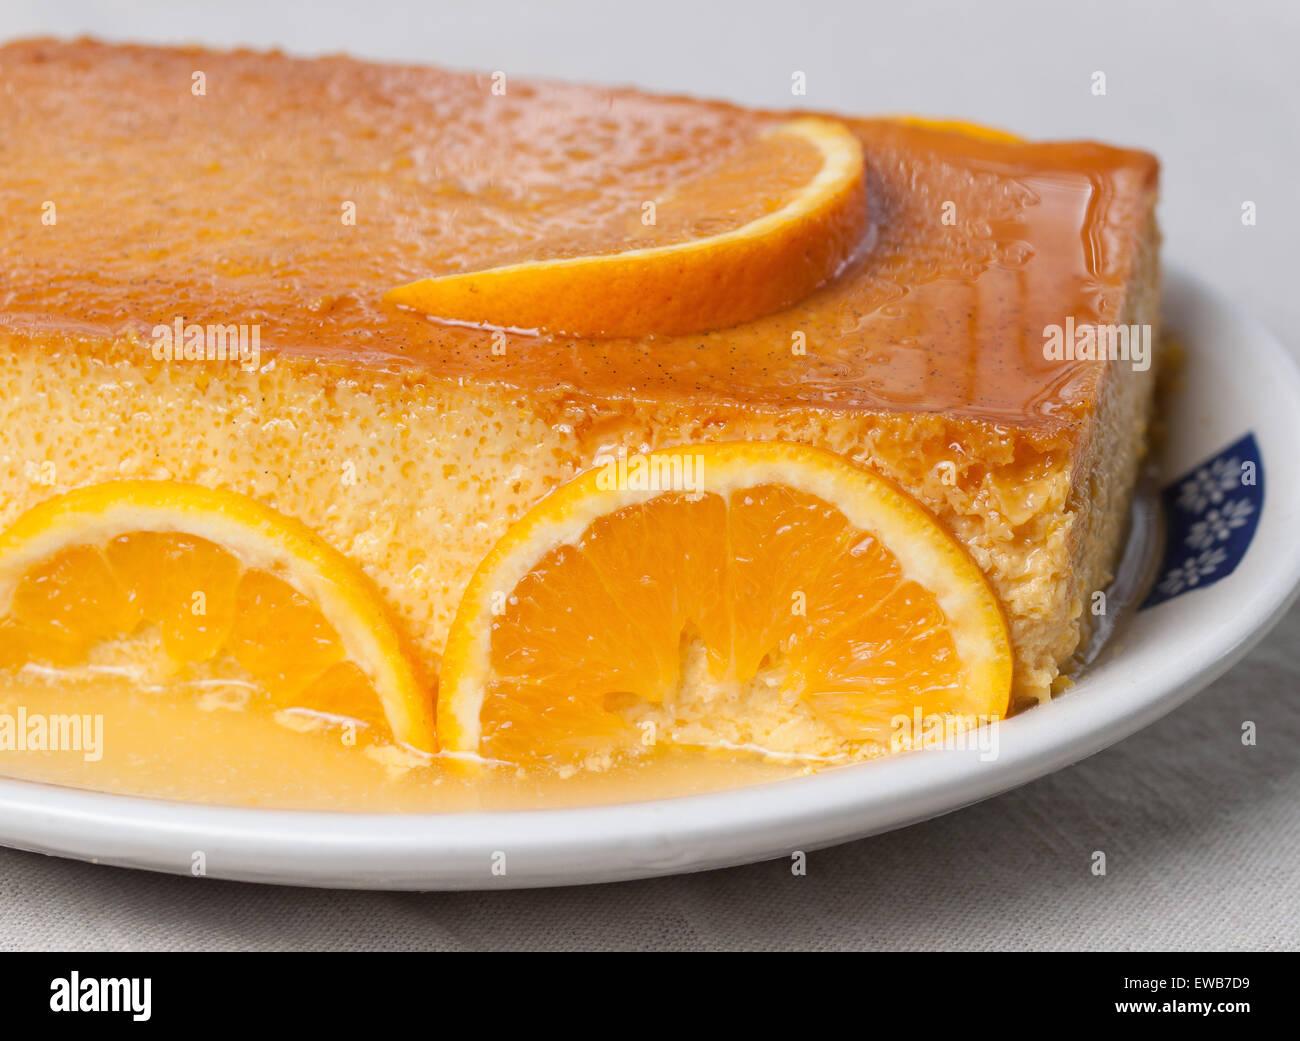 Orange custard in a studio shot. A delicious dessert. - Stock Image